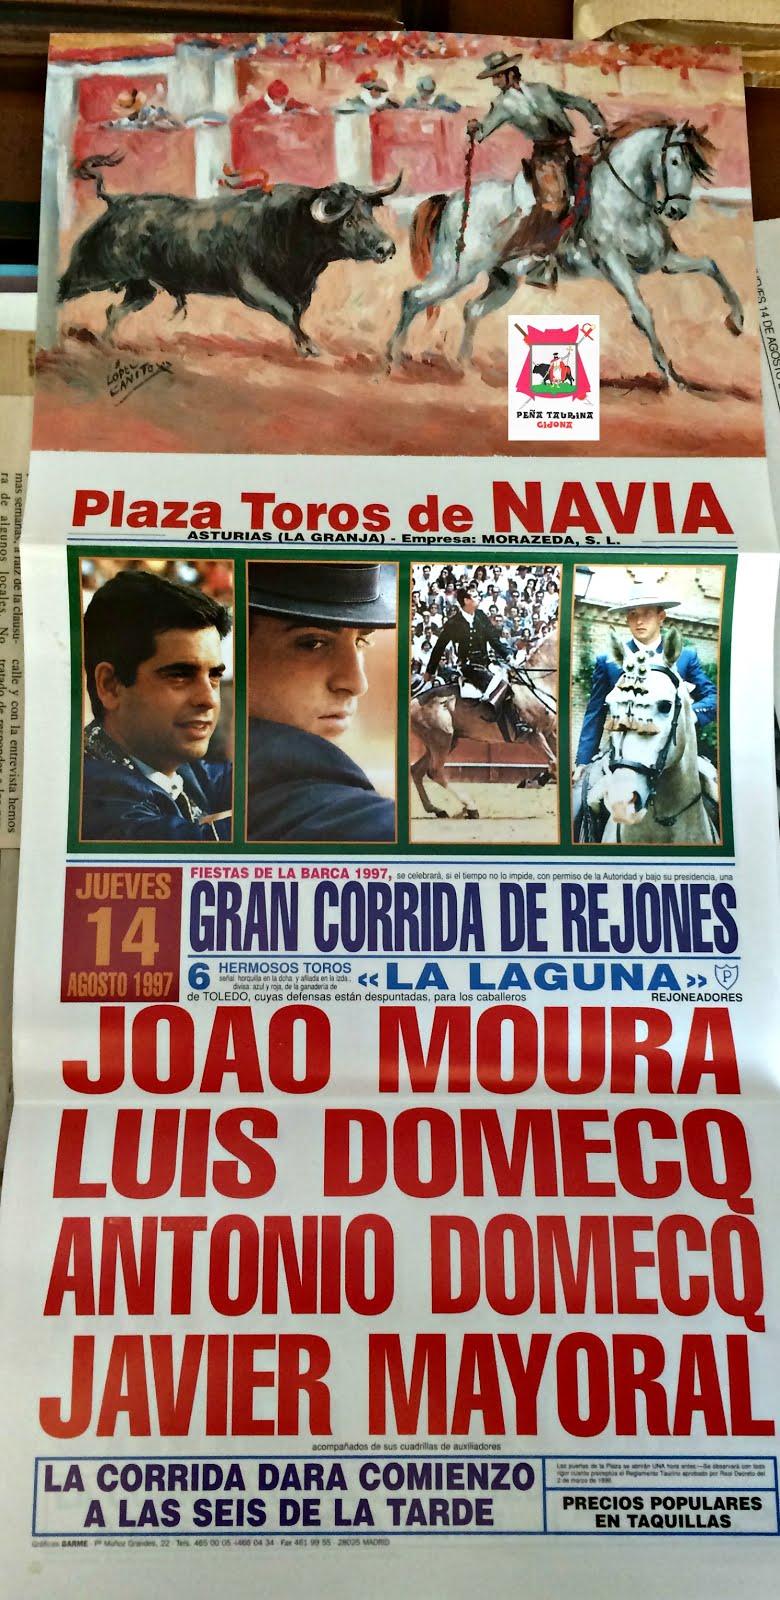 CARTEL DE TOROS DE NAVIA